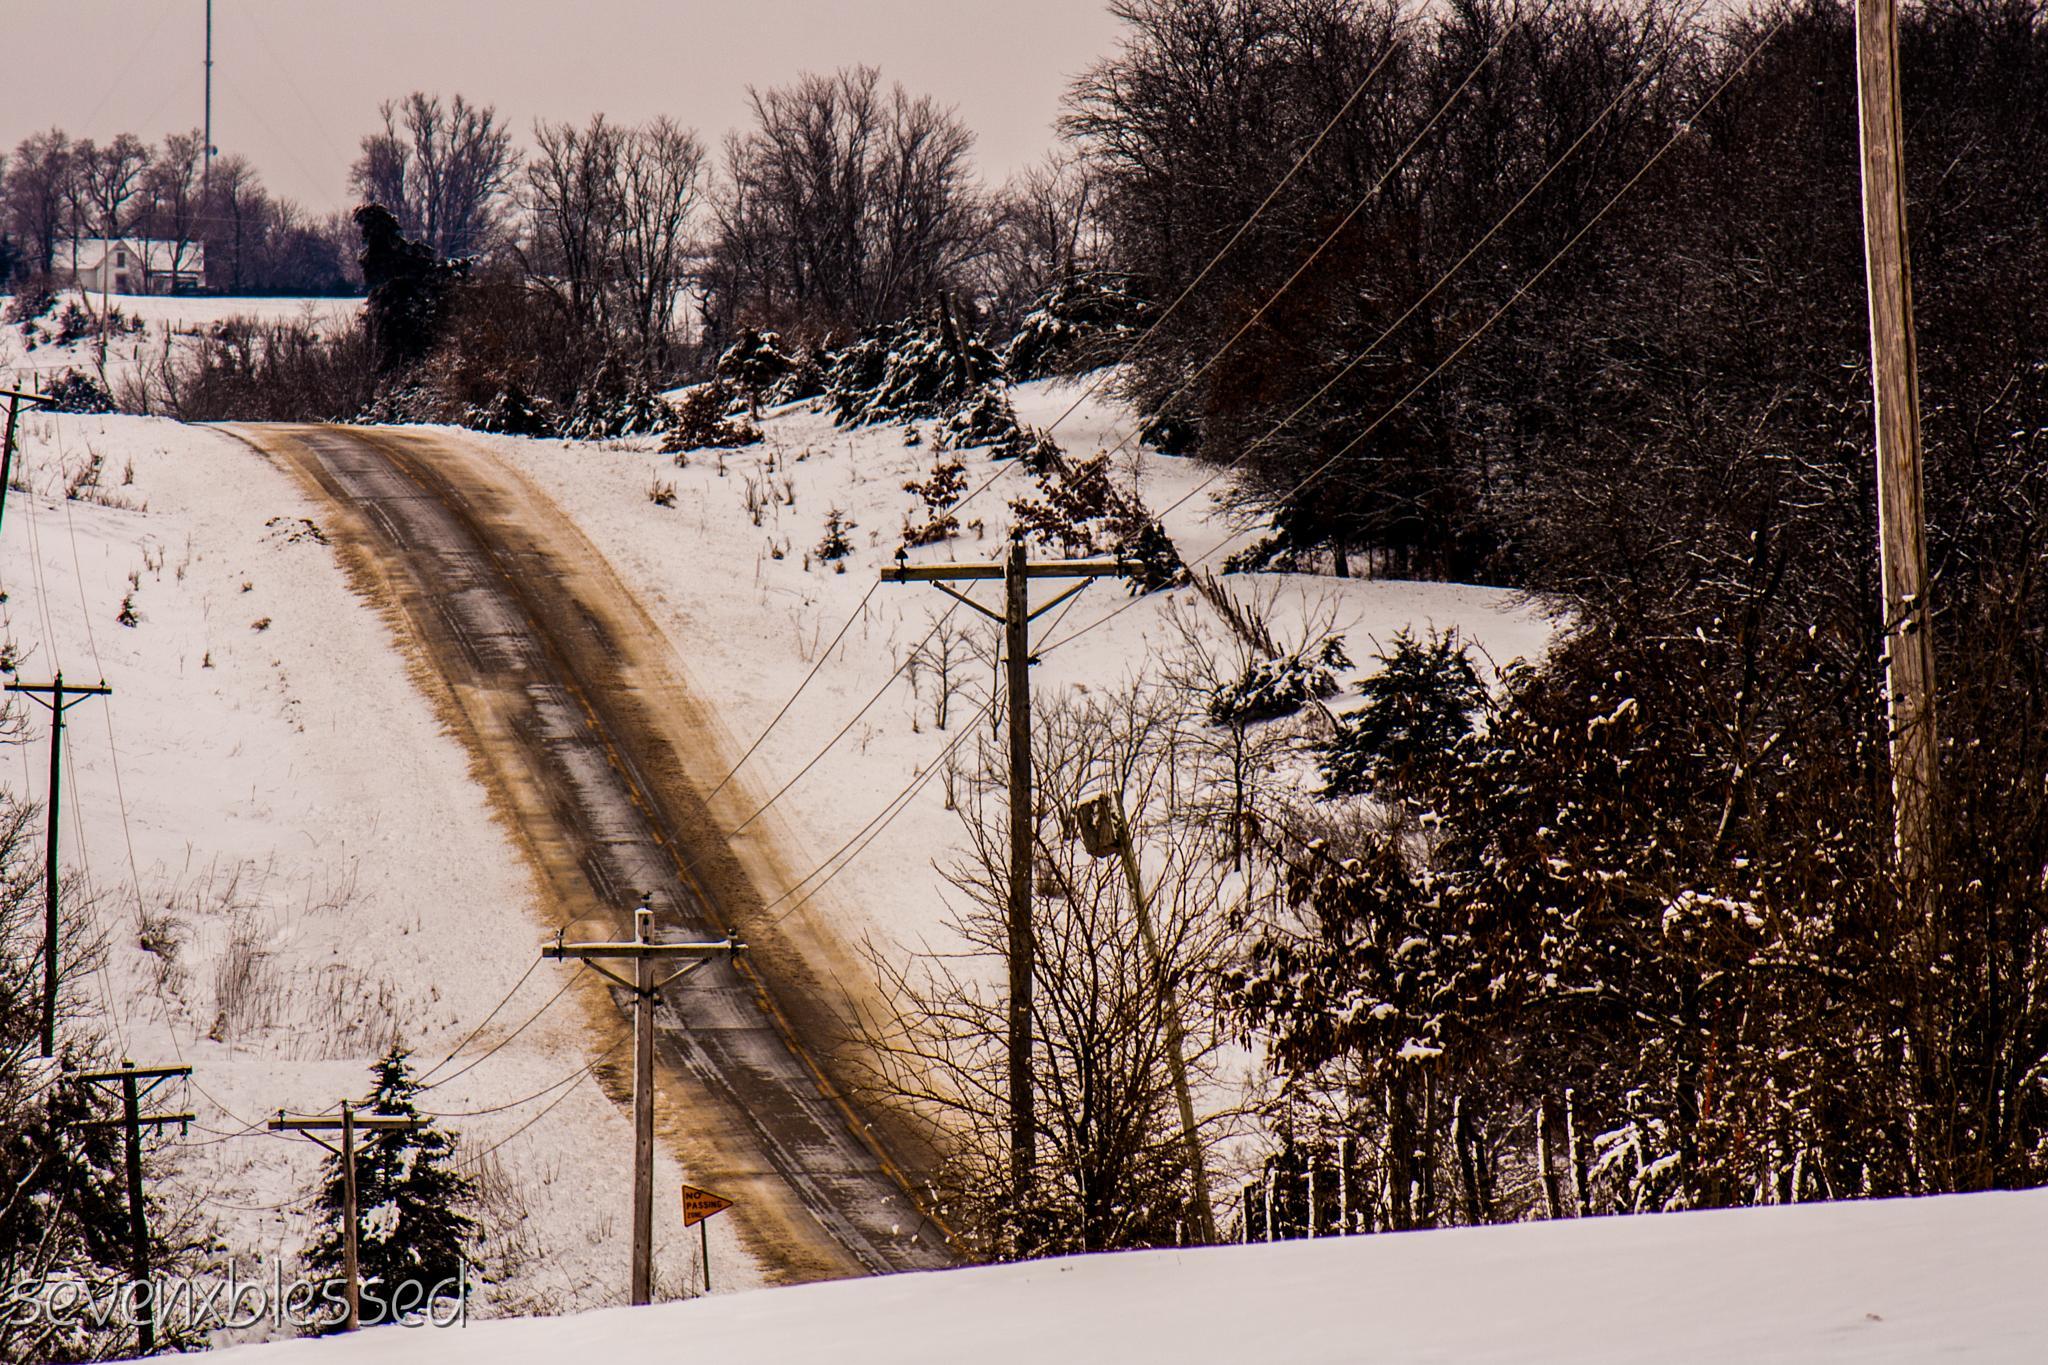 Iowa winter by Michelle Danker